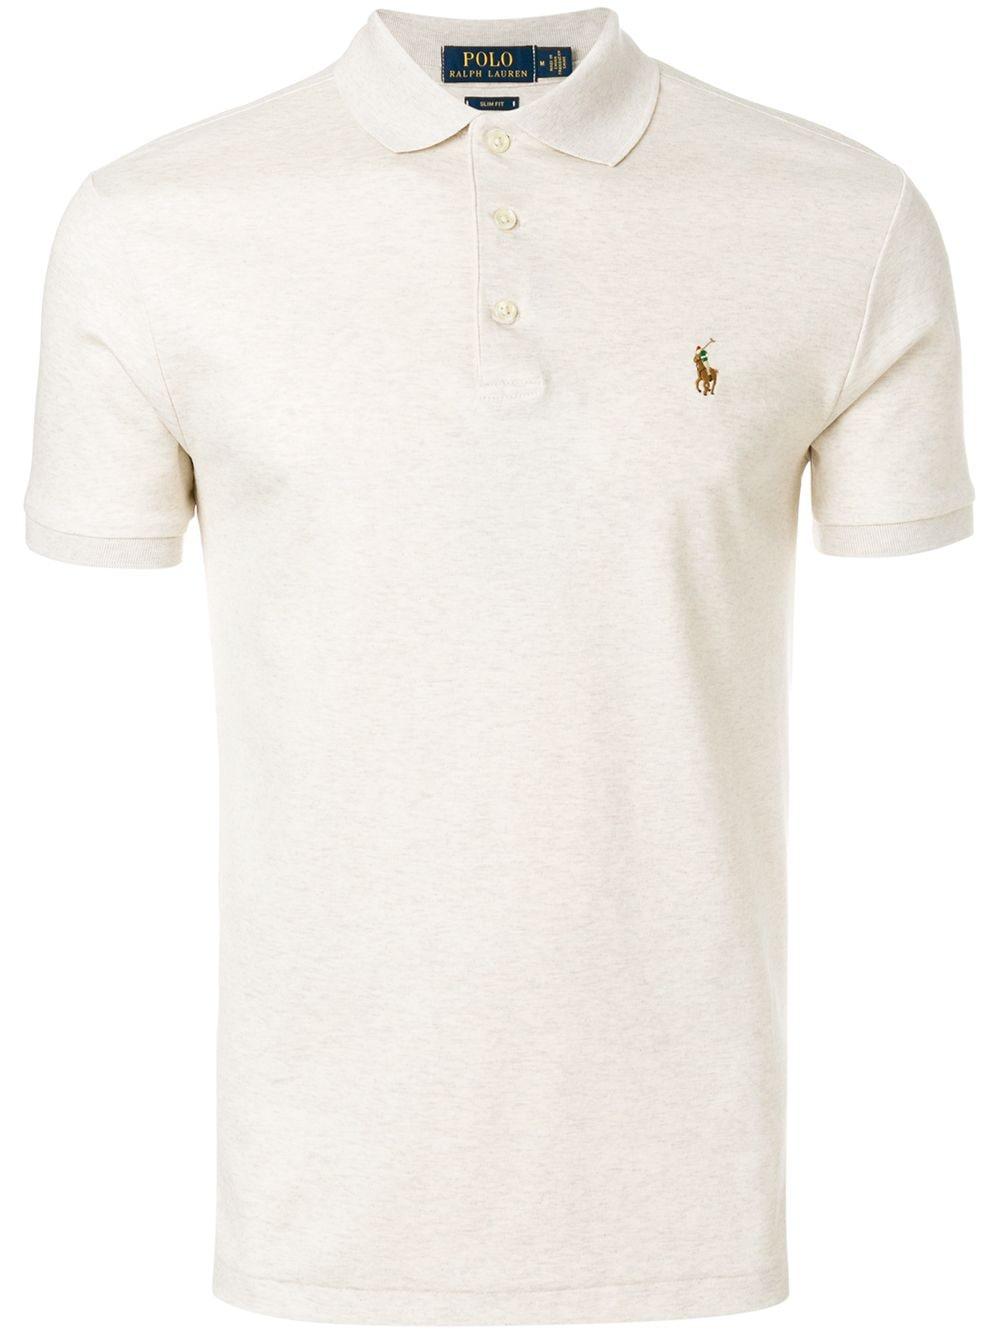 Polo Ralph Lauren 'Soft-touch' Poloshirt - Nude